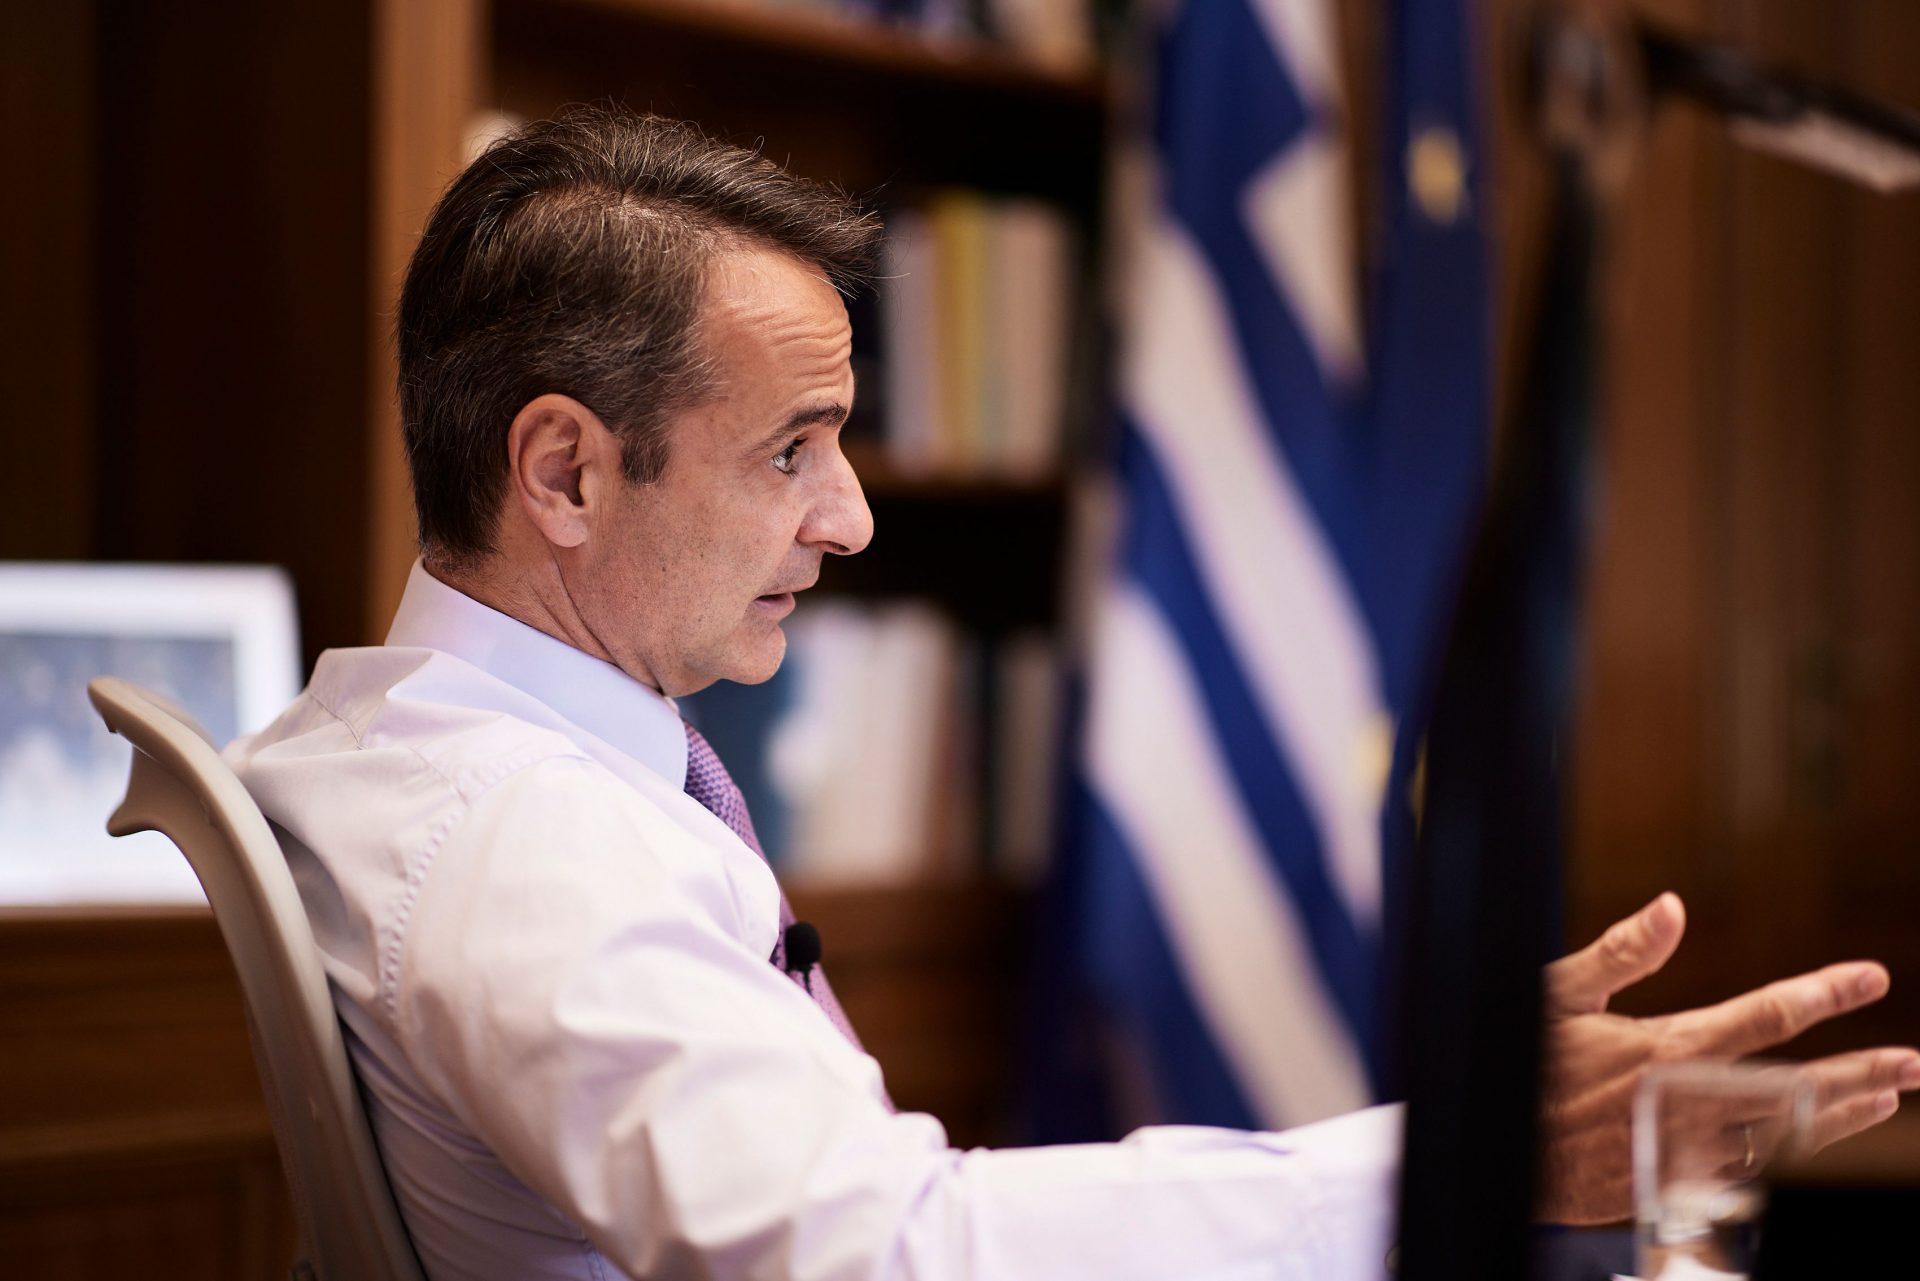 Μητσοτάκης: Υπήρξε υγειονομικό σαμποτάζ από τον ΣΥΡΙΖΑ